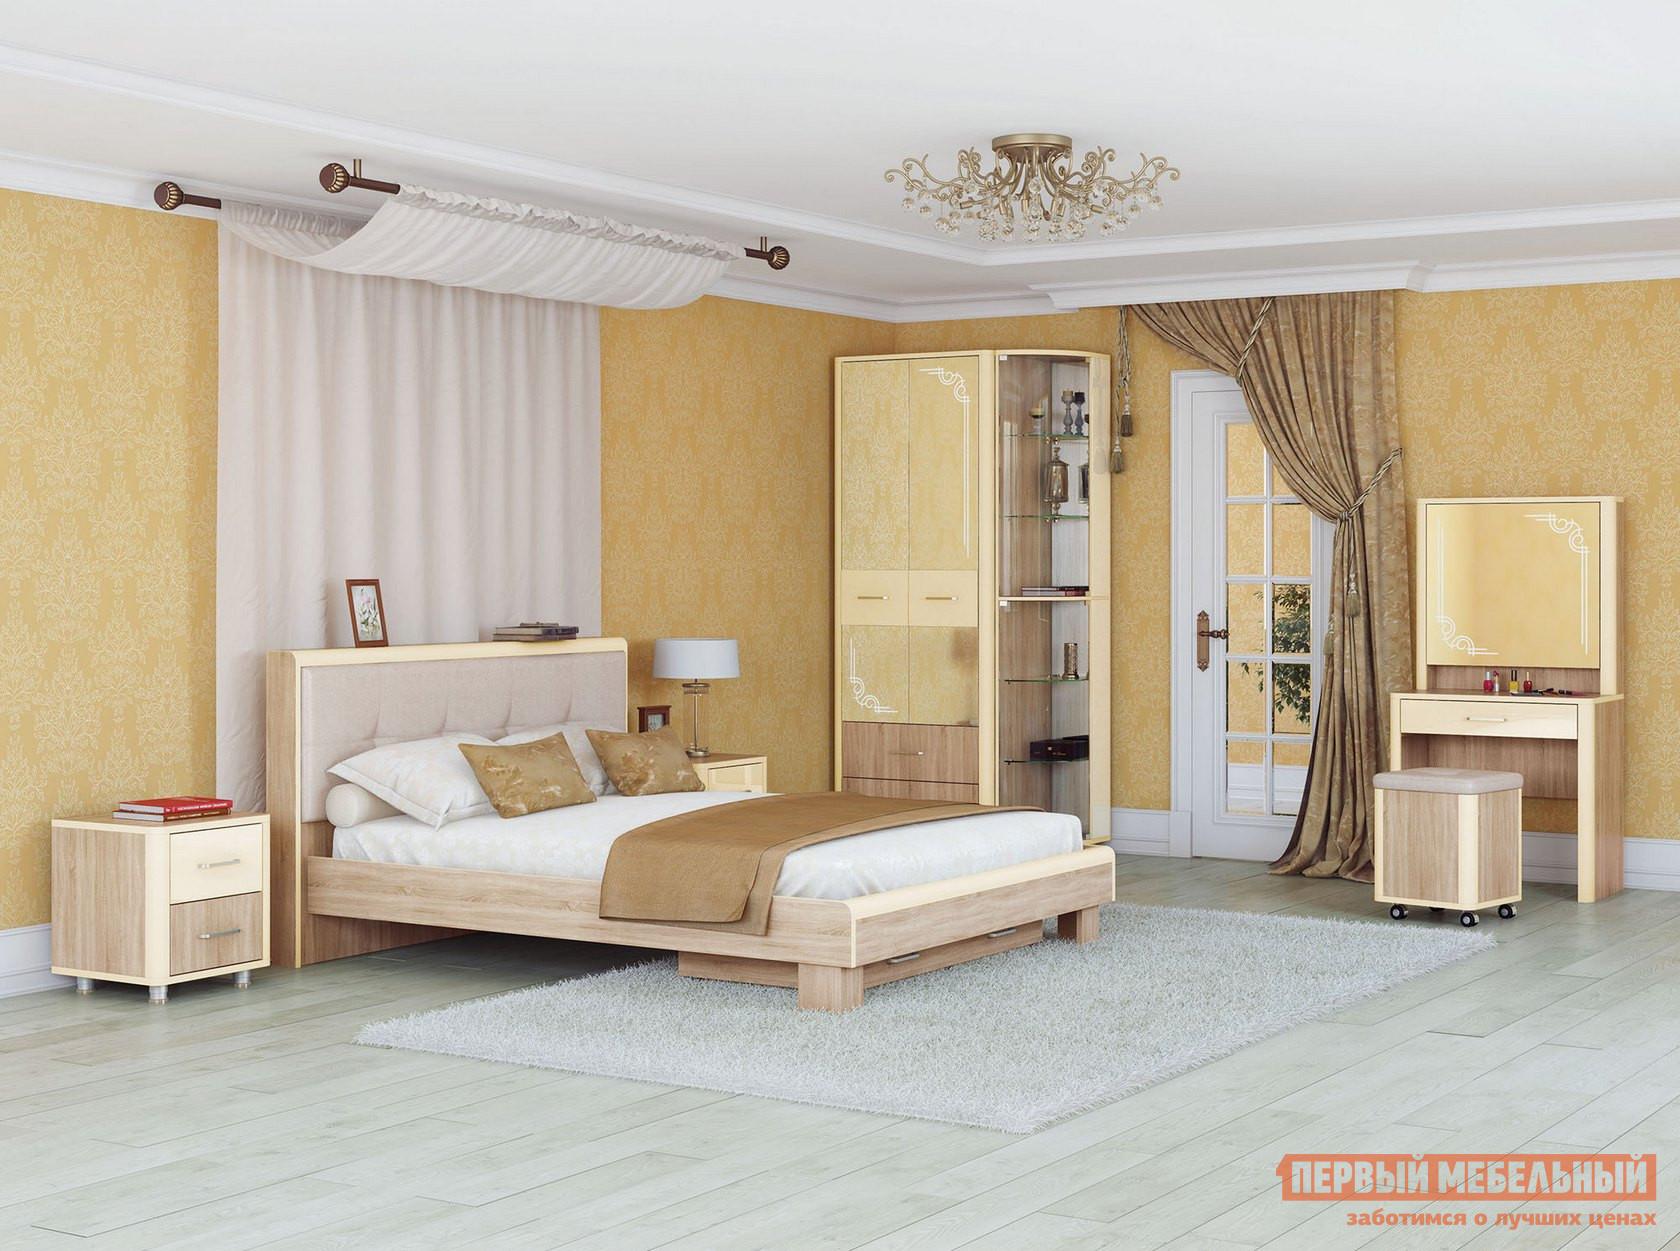 Комплект мебели для спальни МСТ Оливия М К1 комплект детской мебели мебельсон амели м к1